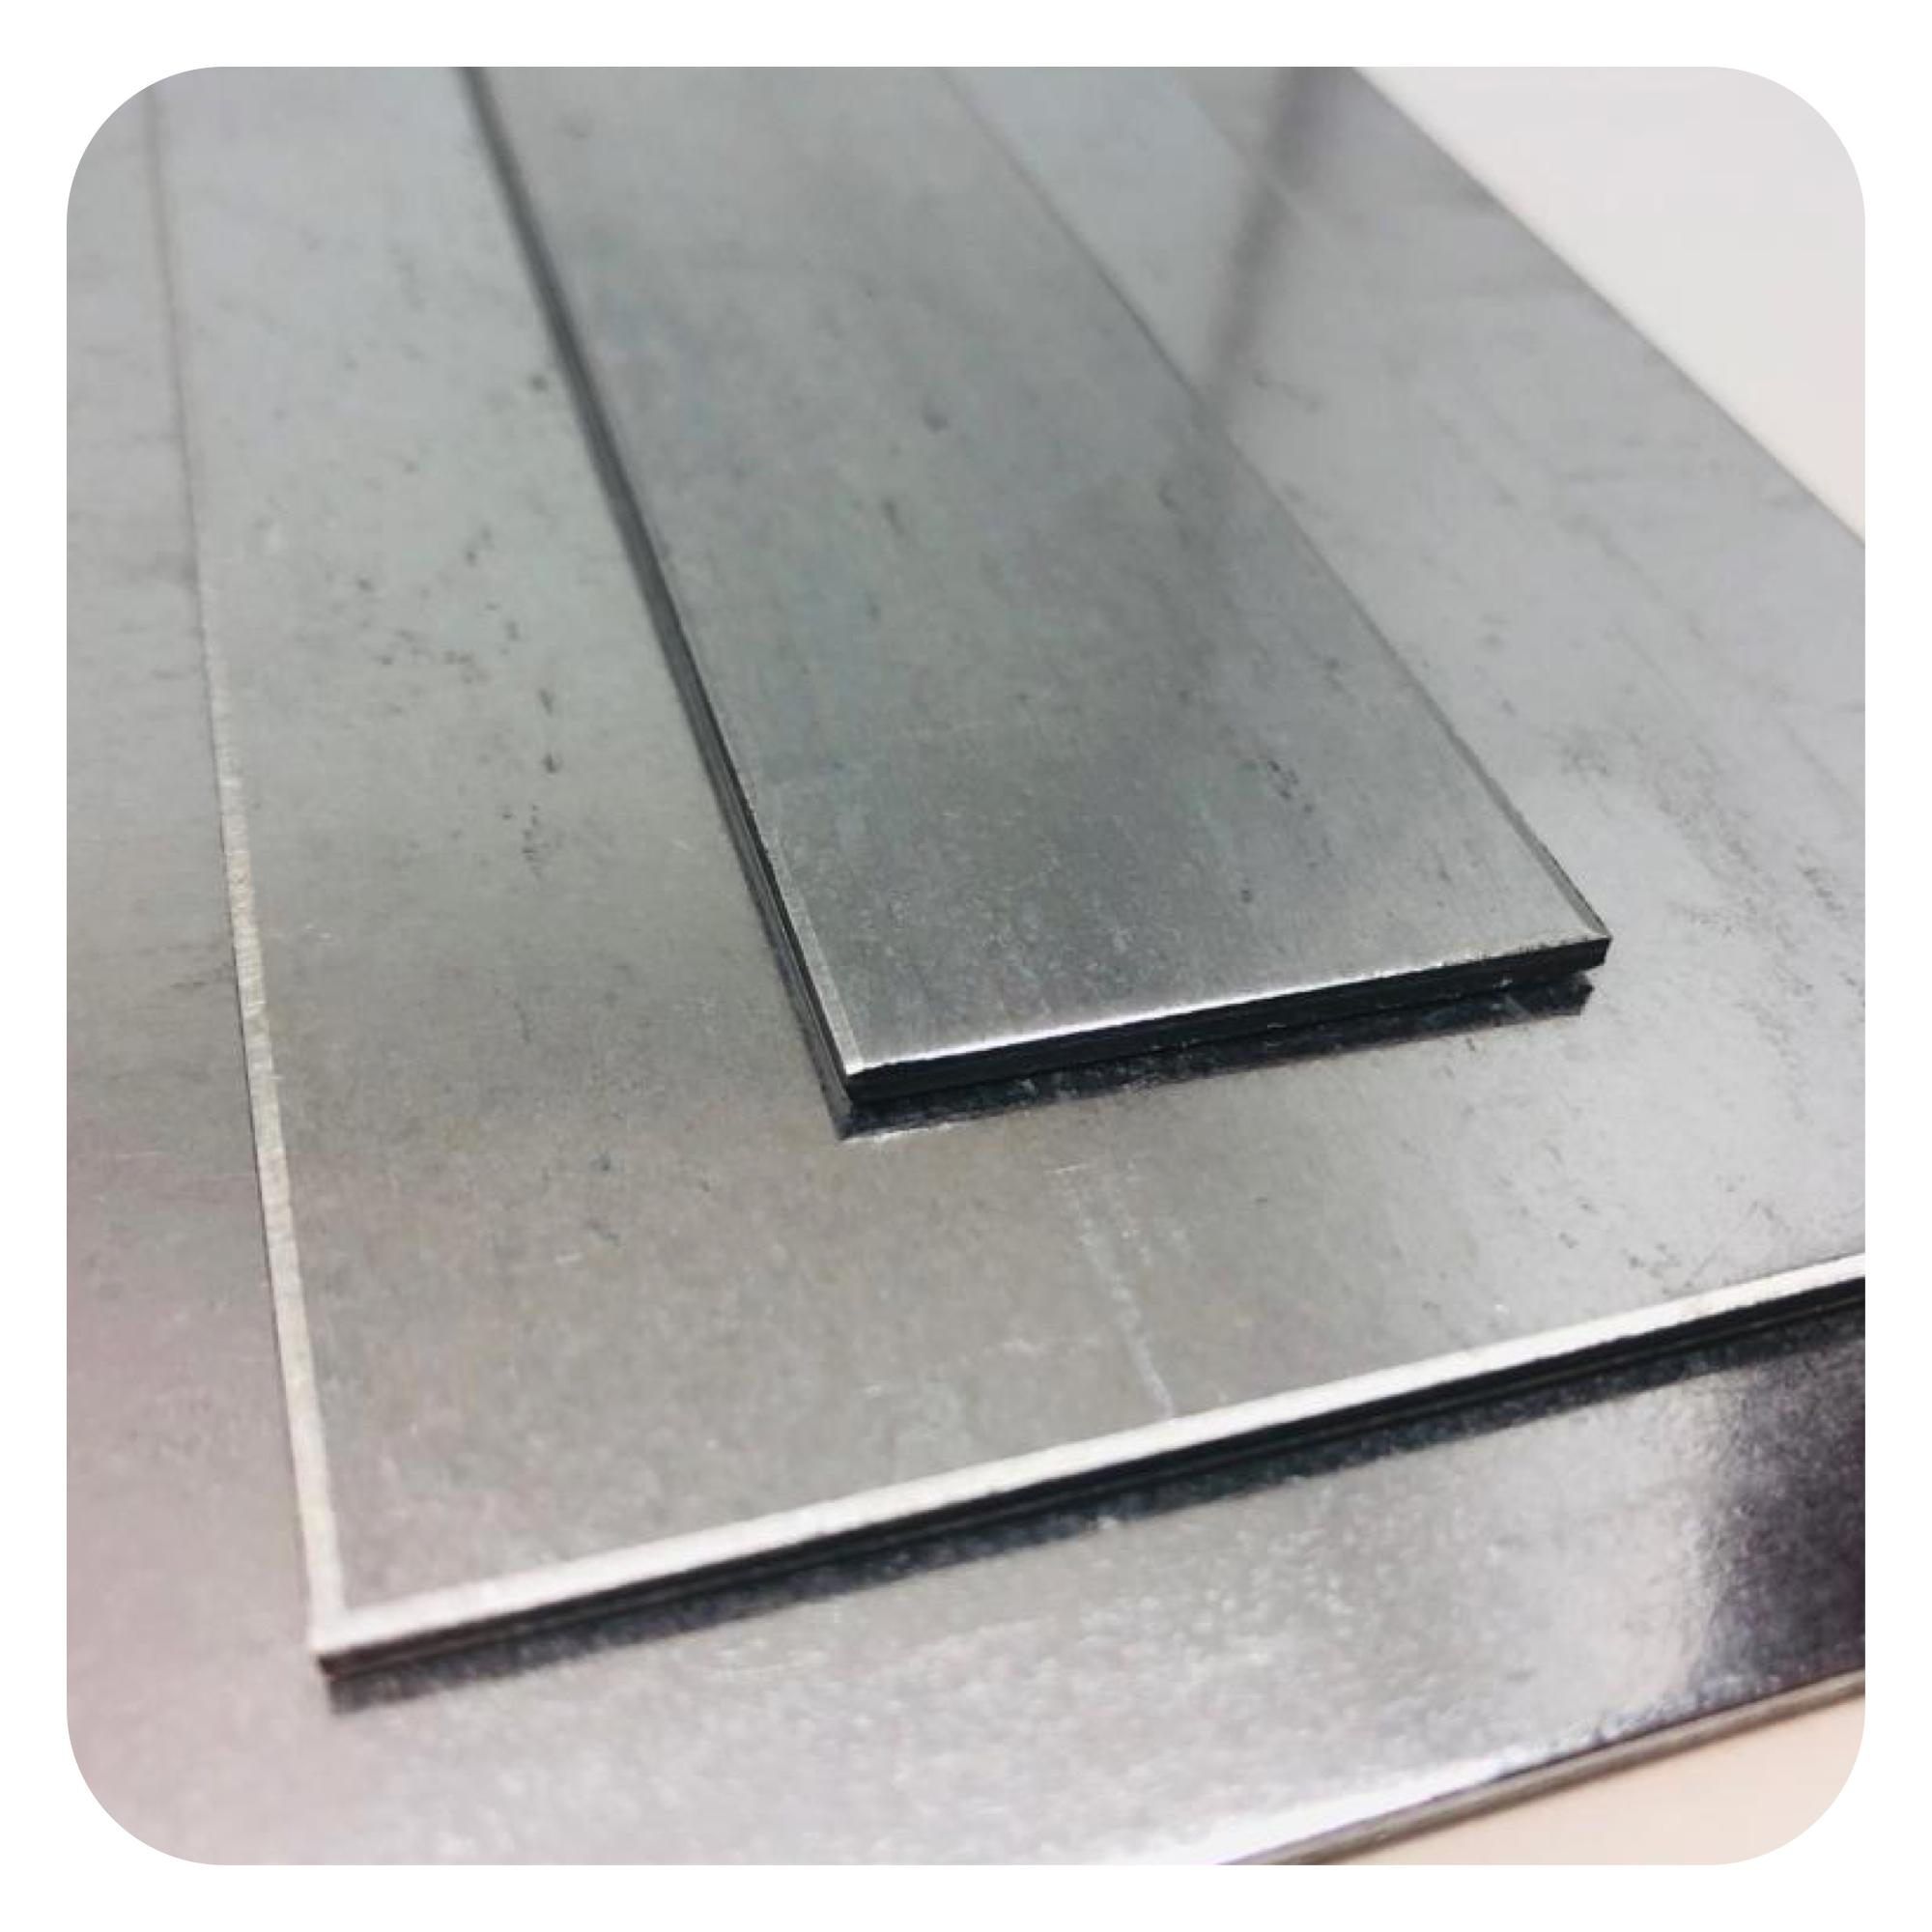 Aluminium Blech Platten  0,5mm x 200mm x 2000mm Alublech Alu Platte   Zuschnitt